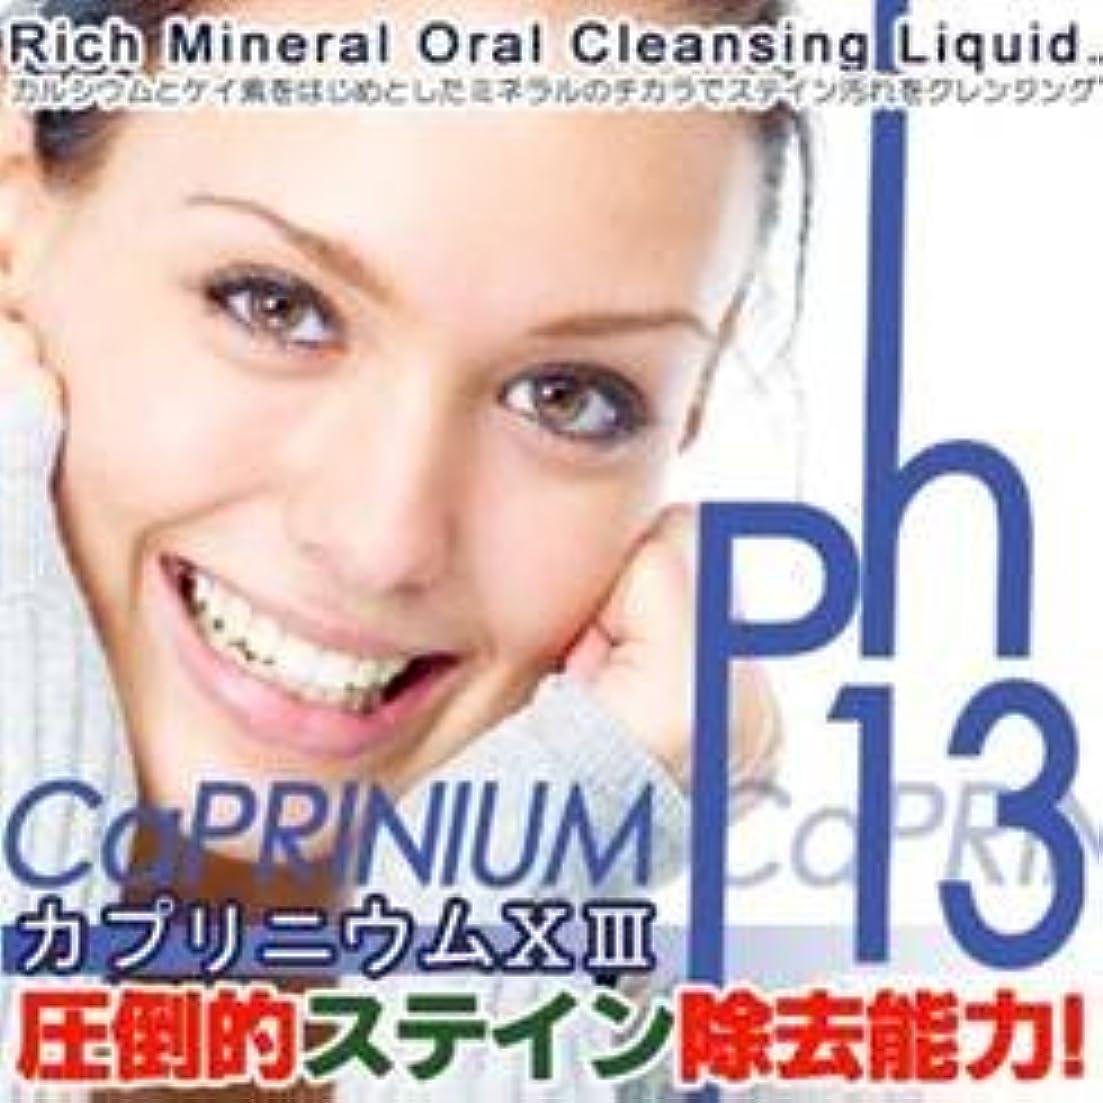 に沿って難破船四半期カプリニウムサーティーンジェル1個入(10日分) 電動歯ブラシ対応歯磨きジェル